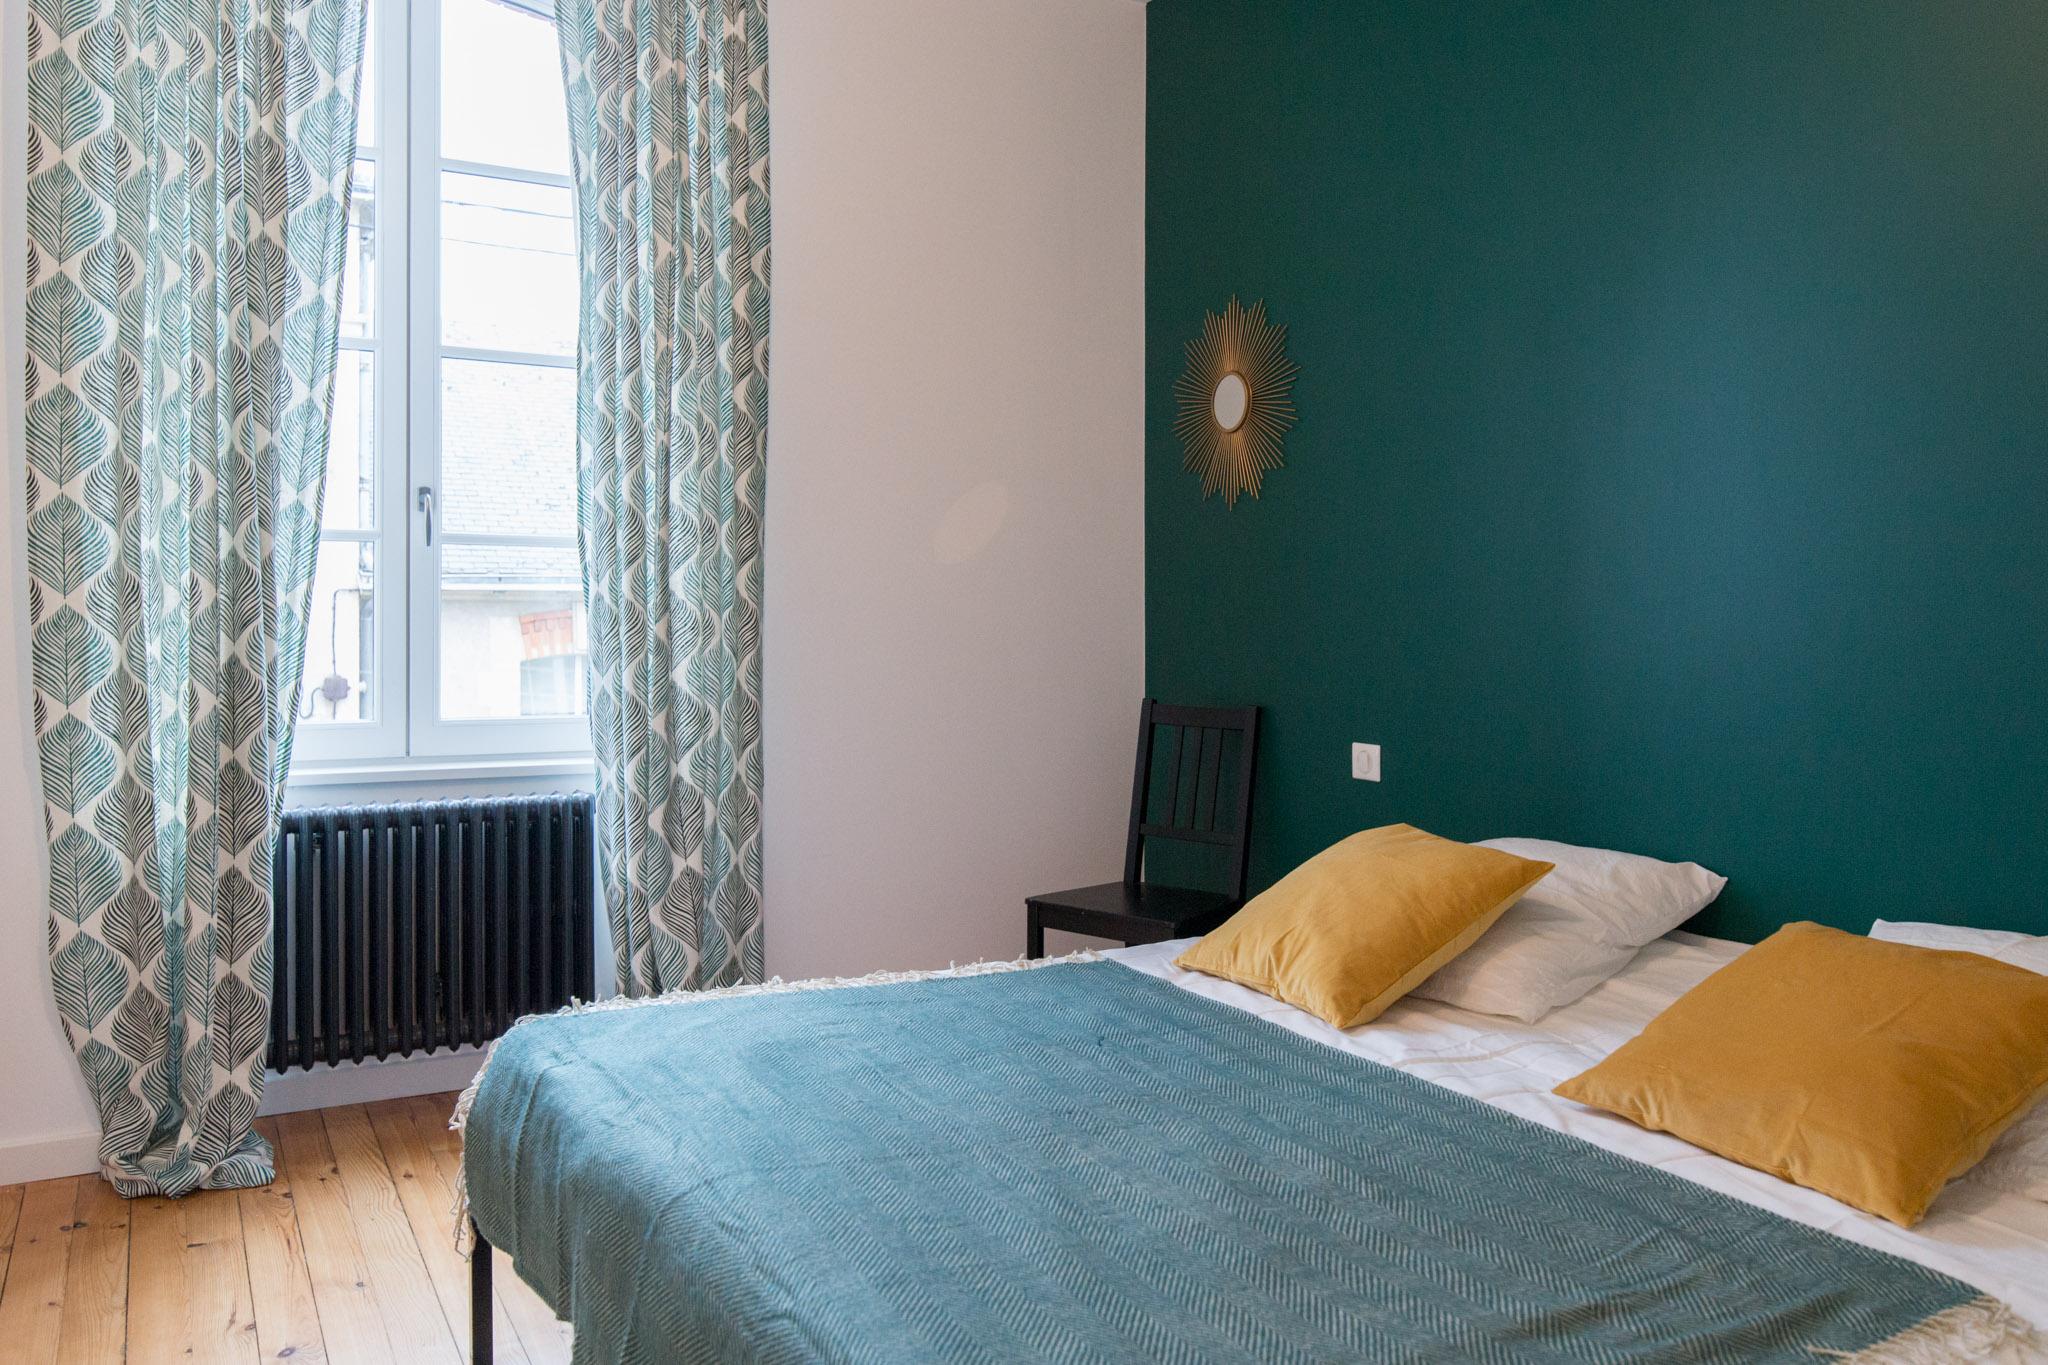 chambre jaune moutarde chambre jaune et gris images deco chambre jaune genialemejing. Black Bedroom Furniture Sets. Home Design Ideas